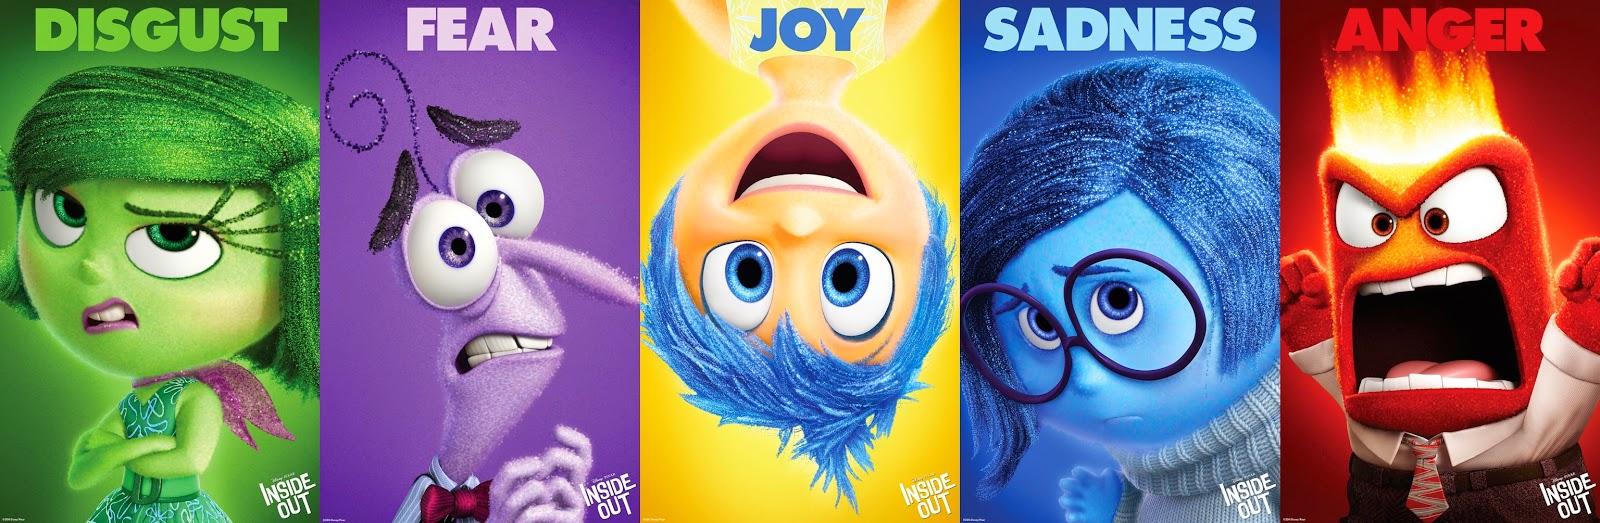 Pixar Visit: April 17